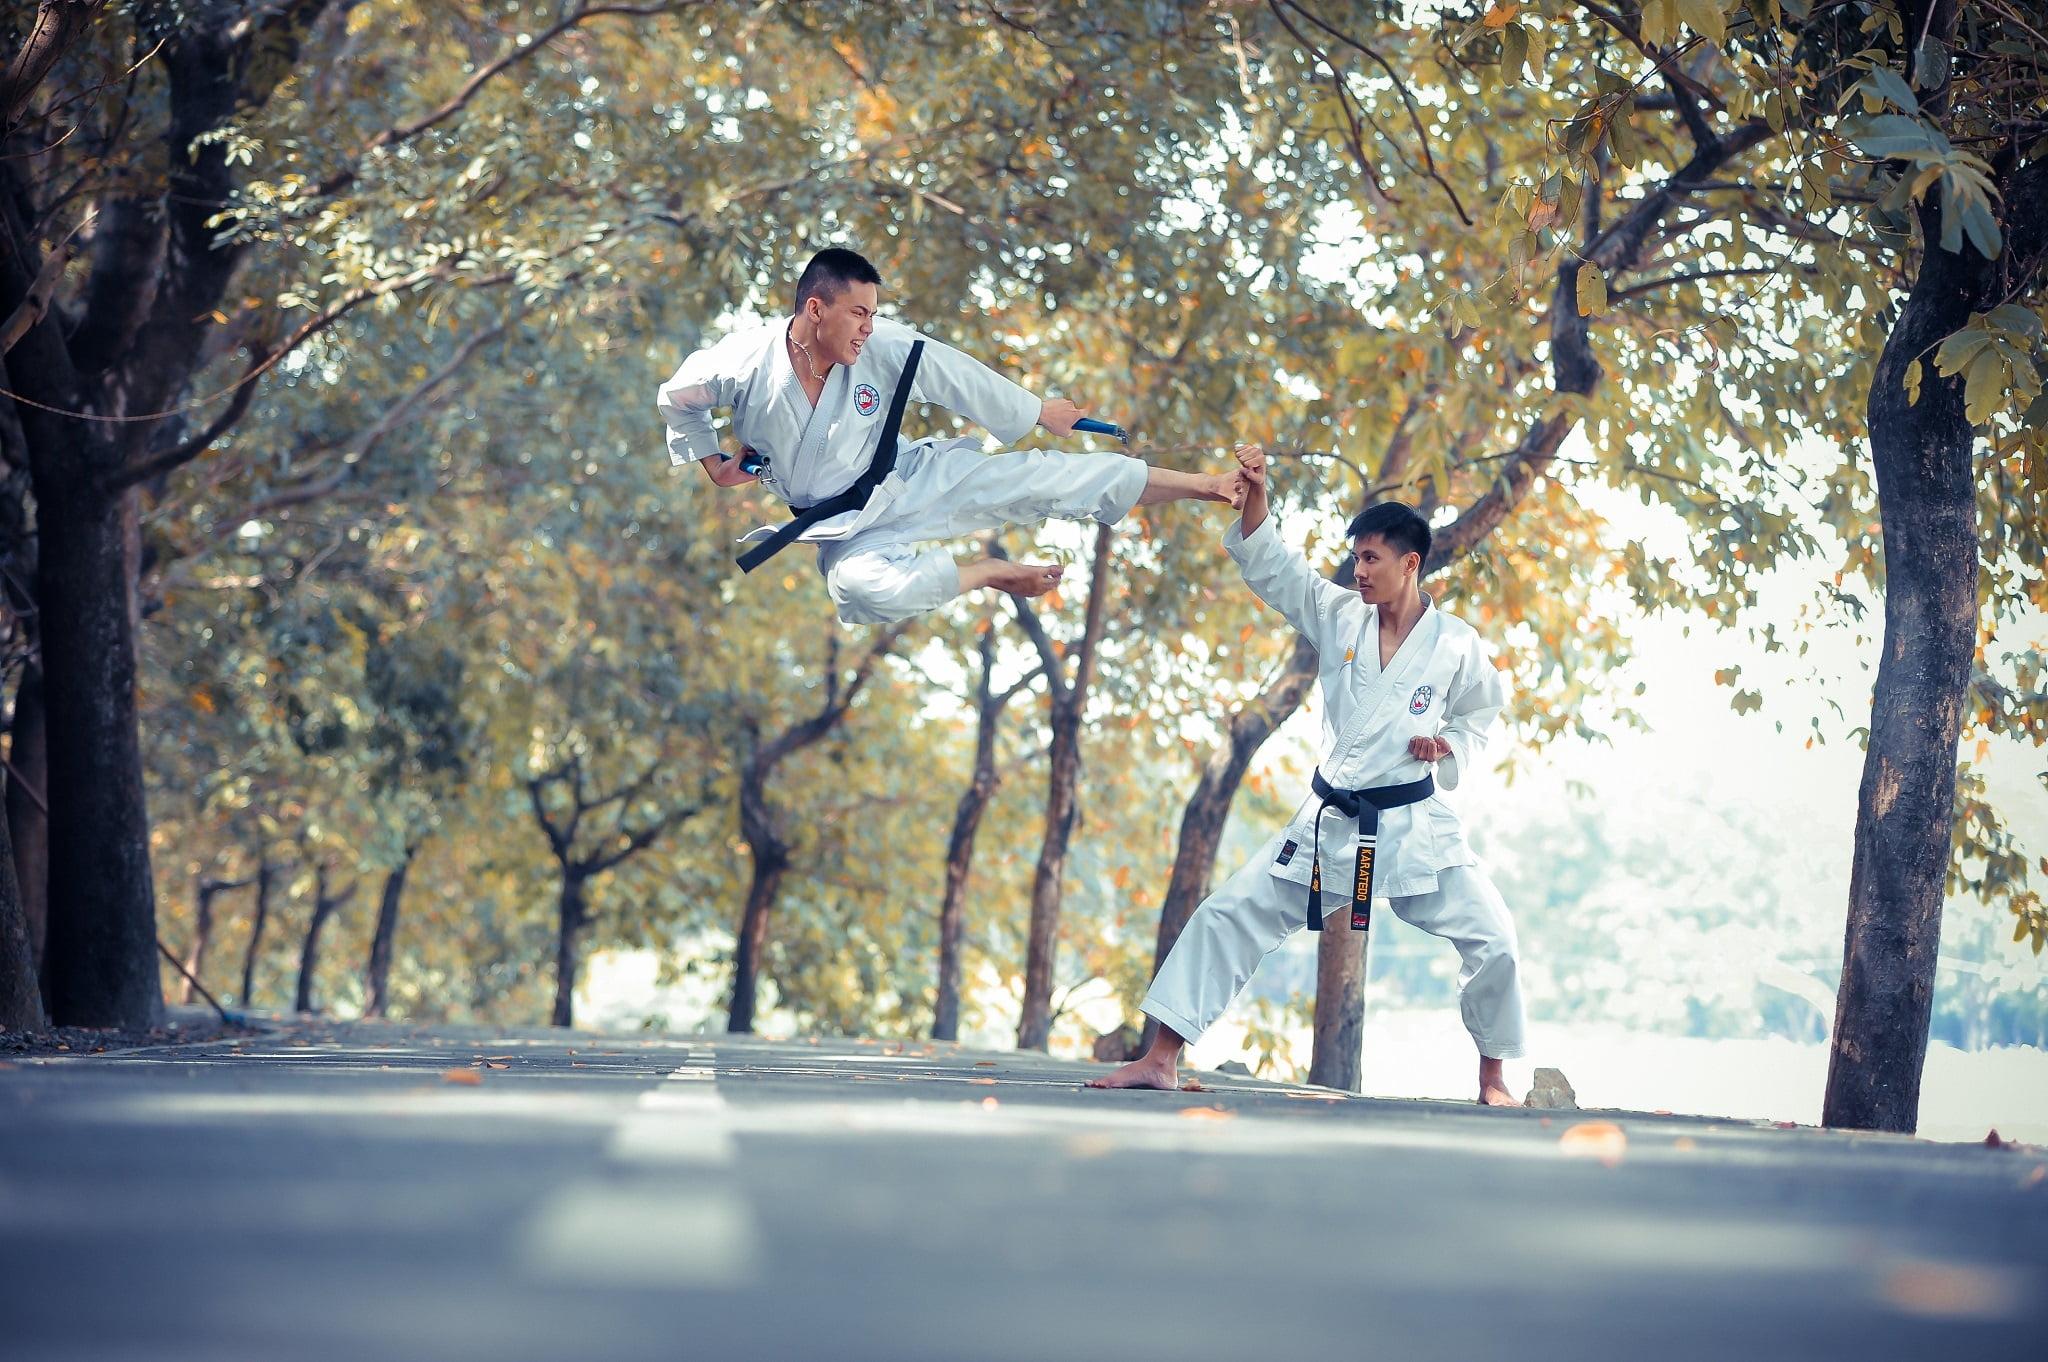 DSC 1195 - Chụp ảnh võ thuật ở KDL Thủy Châu